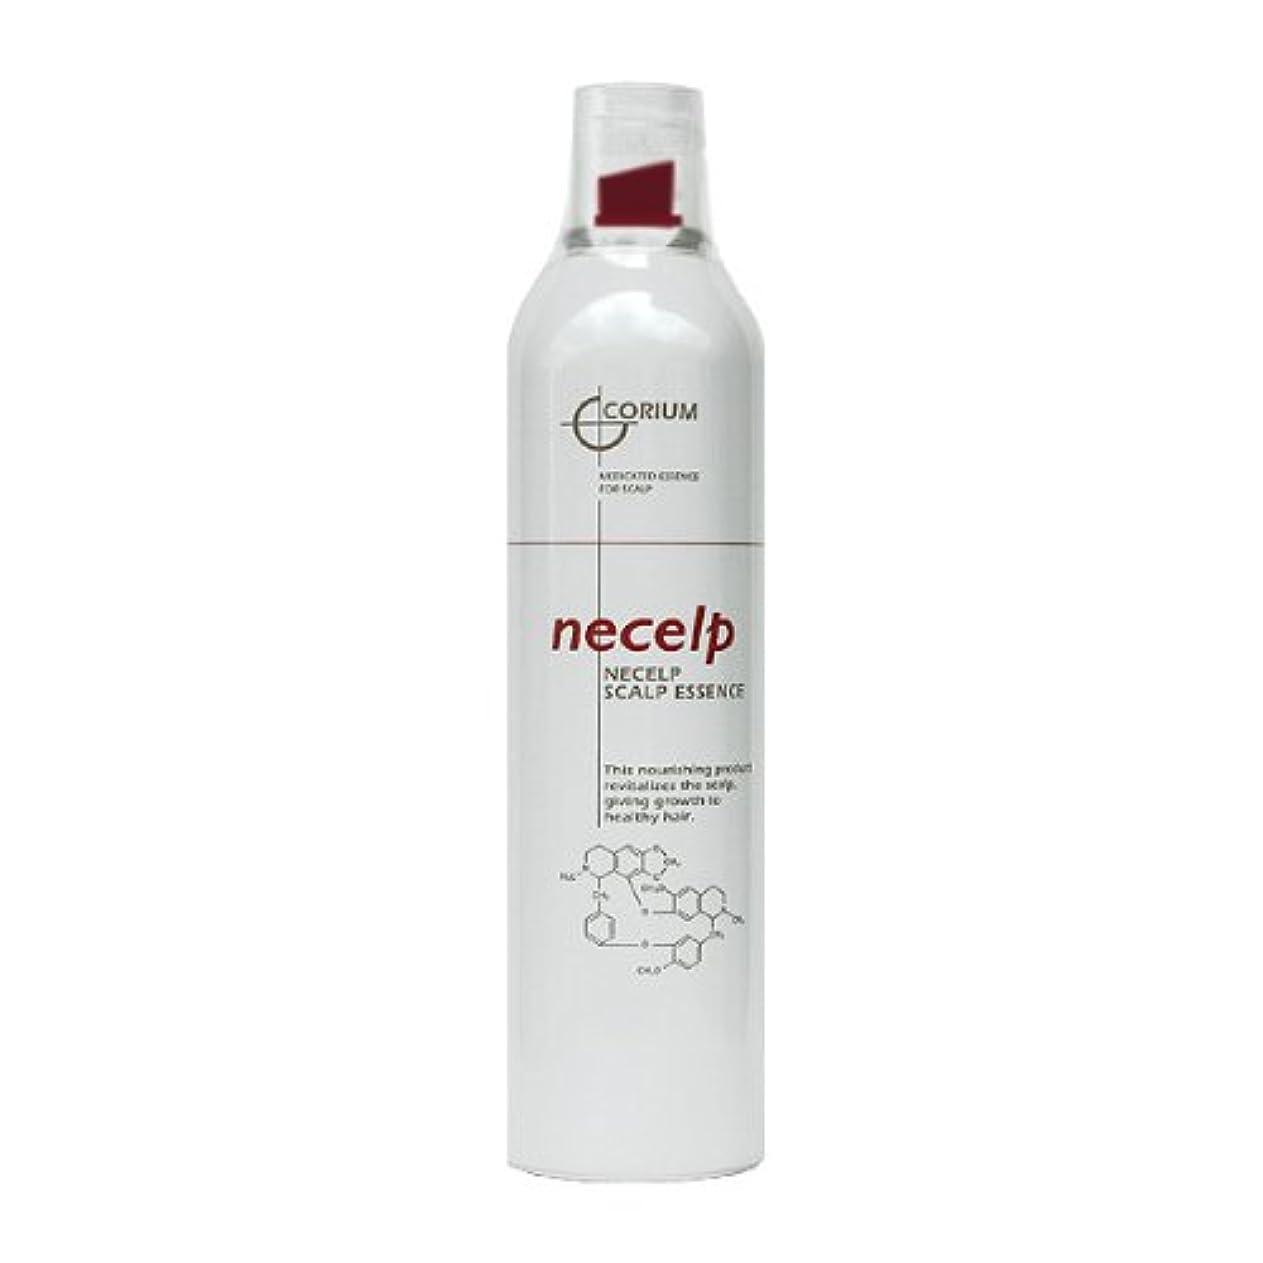 商品コート神経中野製薬 ネセルプ スキャルプエッセンス 300g